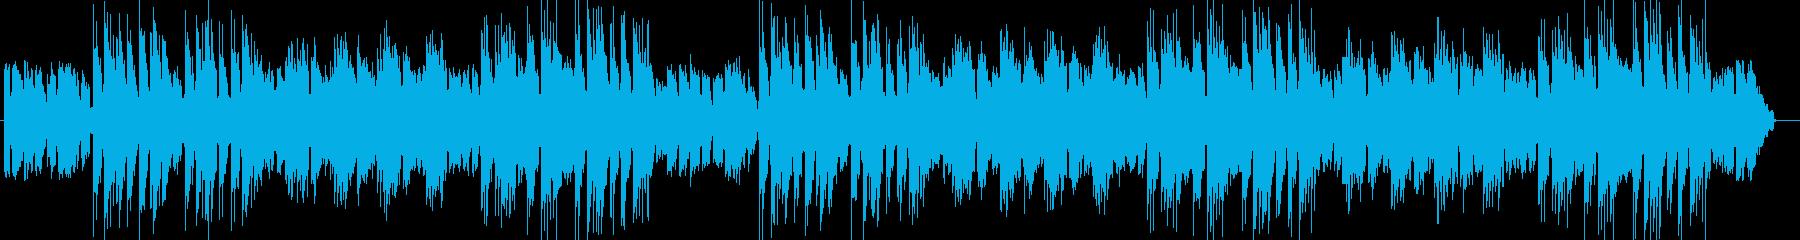 切ないムーディーギターサウンドの再生済みの波形